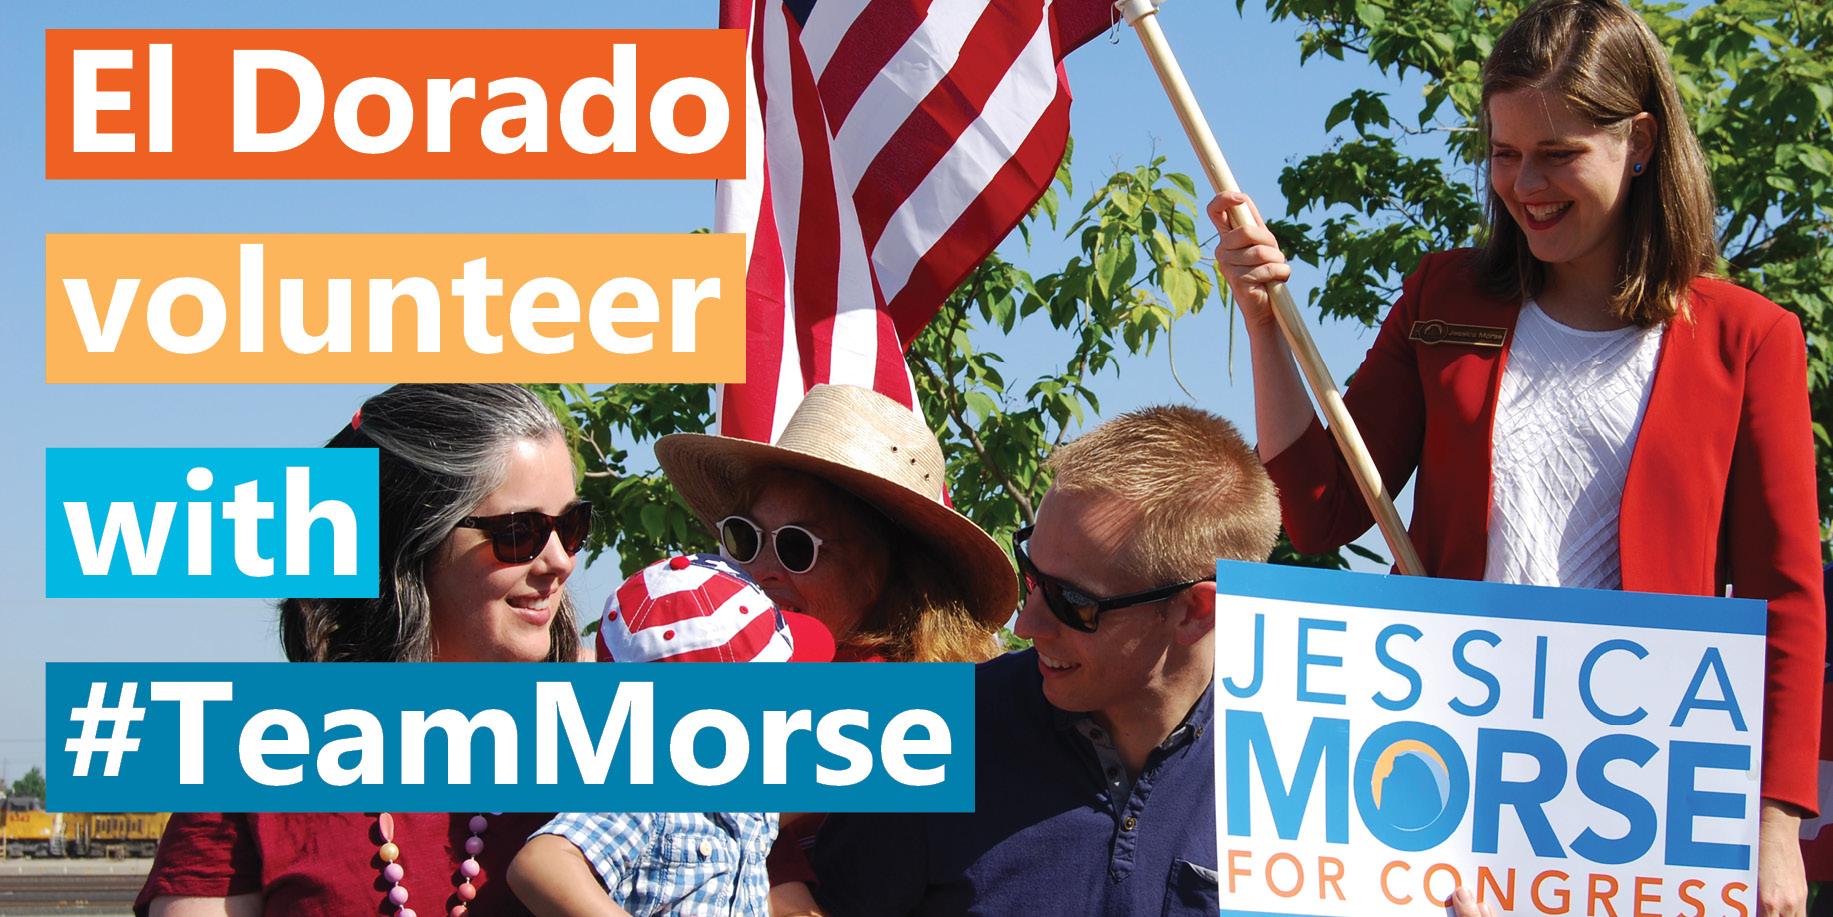 El Dorado Volunteer Graphic.jpg